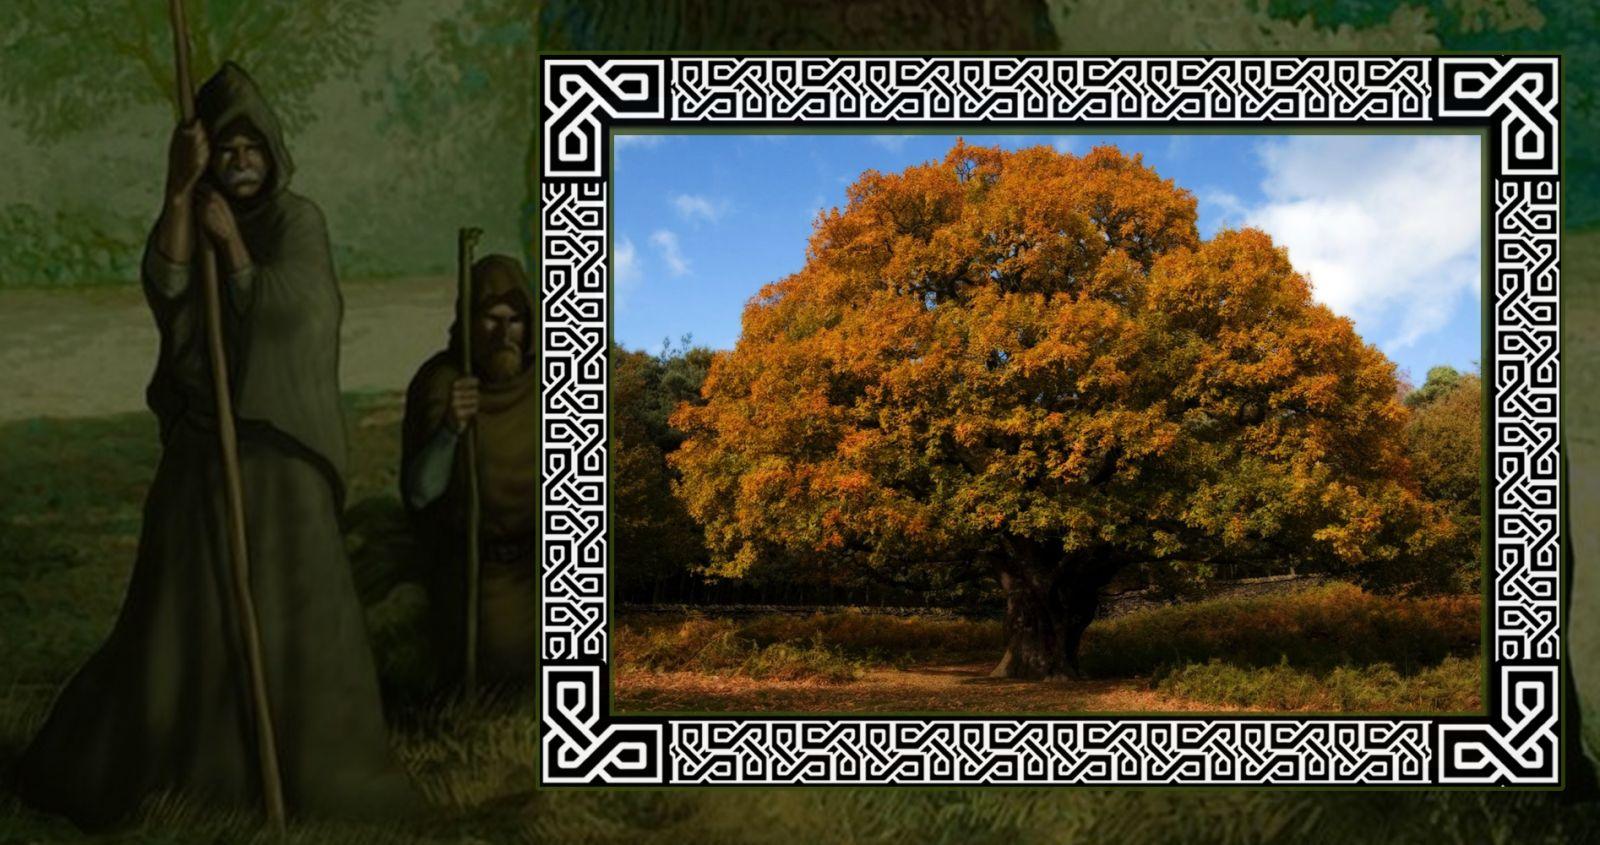 Благородный дуб в гороскопе друидов